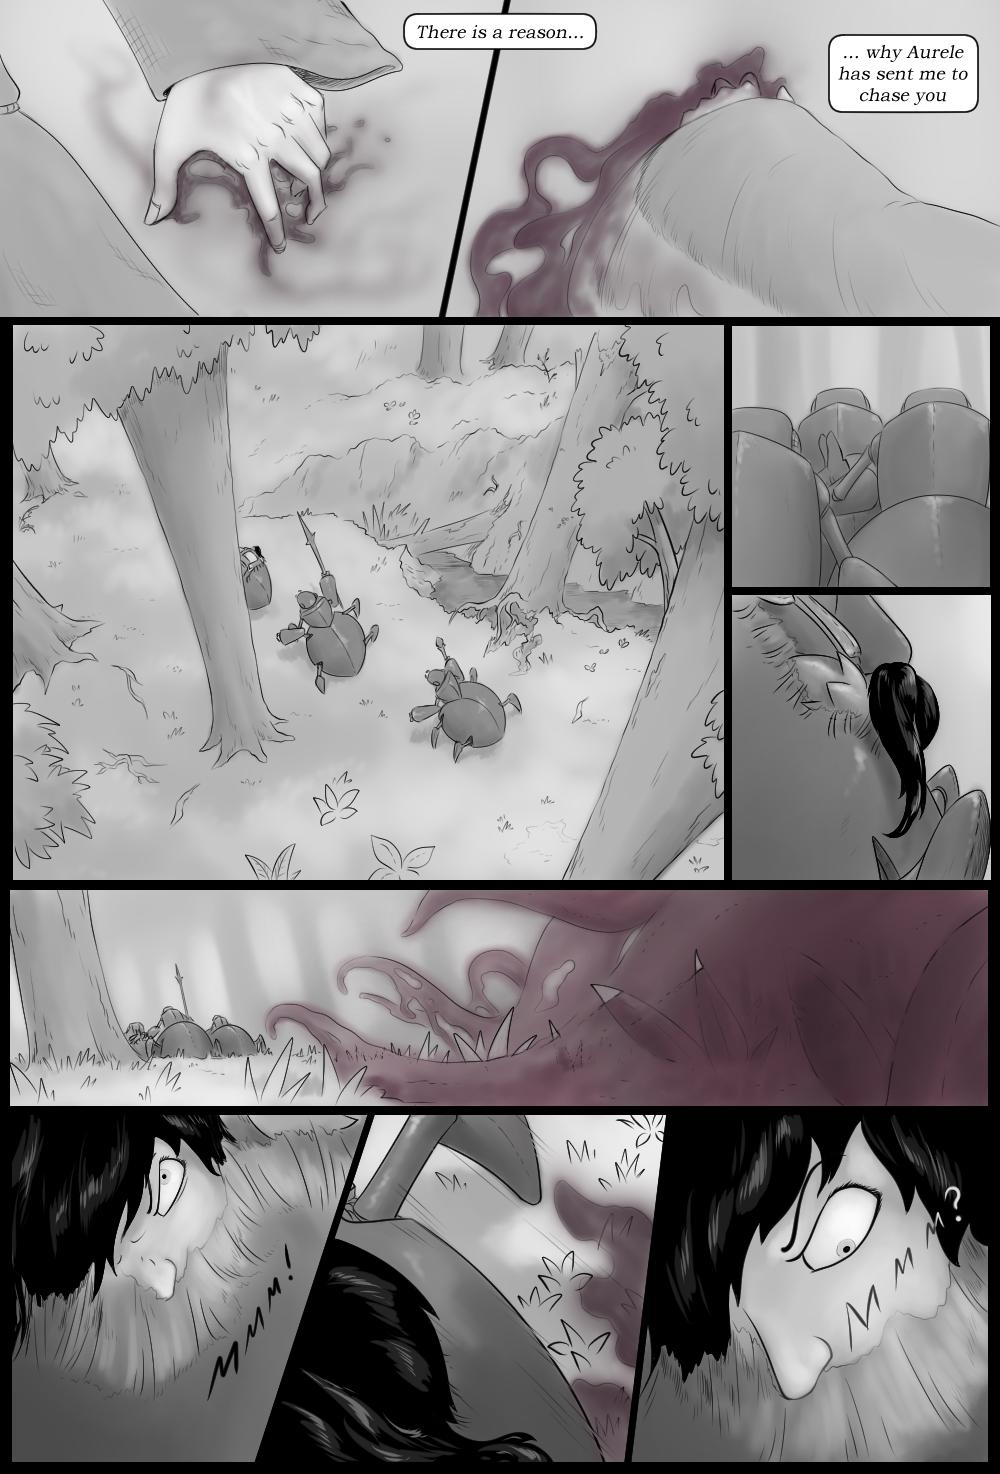 Page 109 - Dervik's Mission (Part 2)